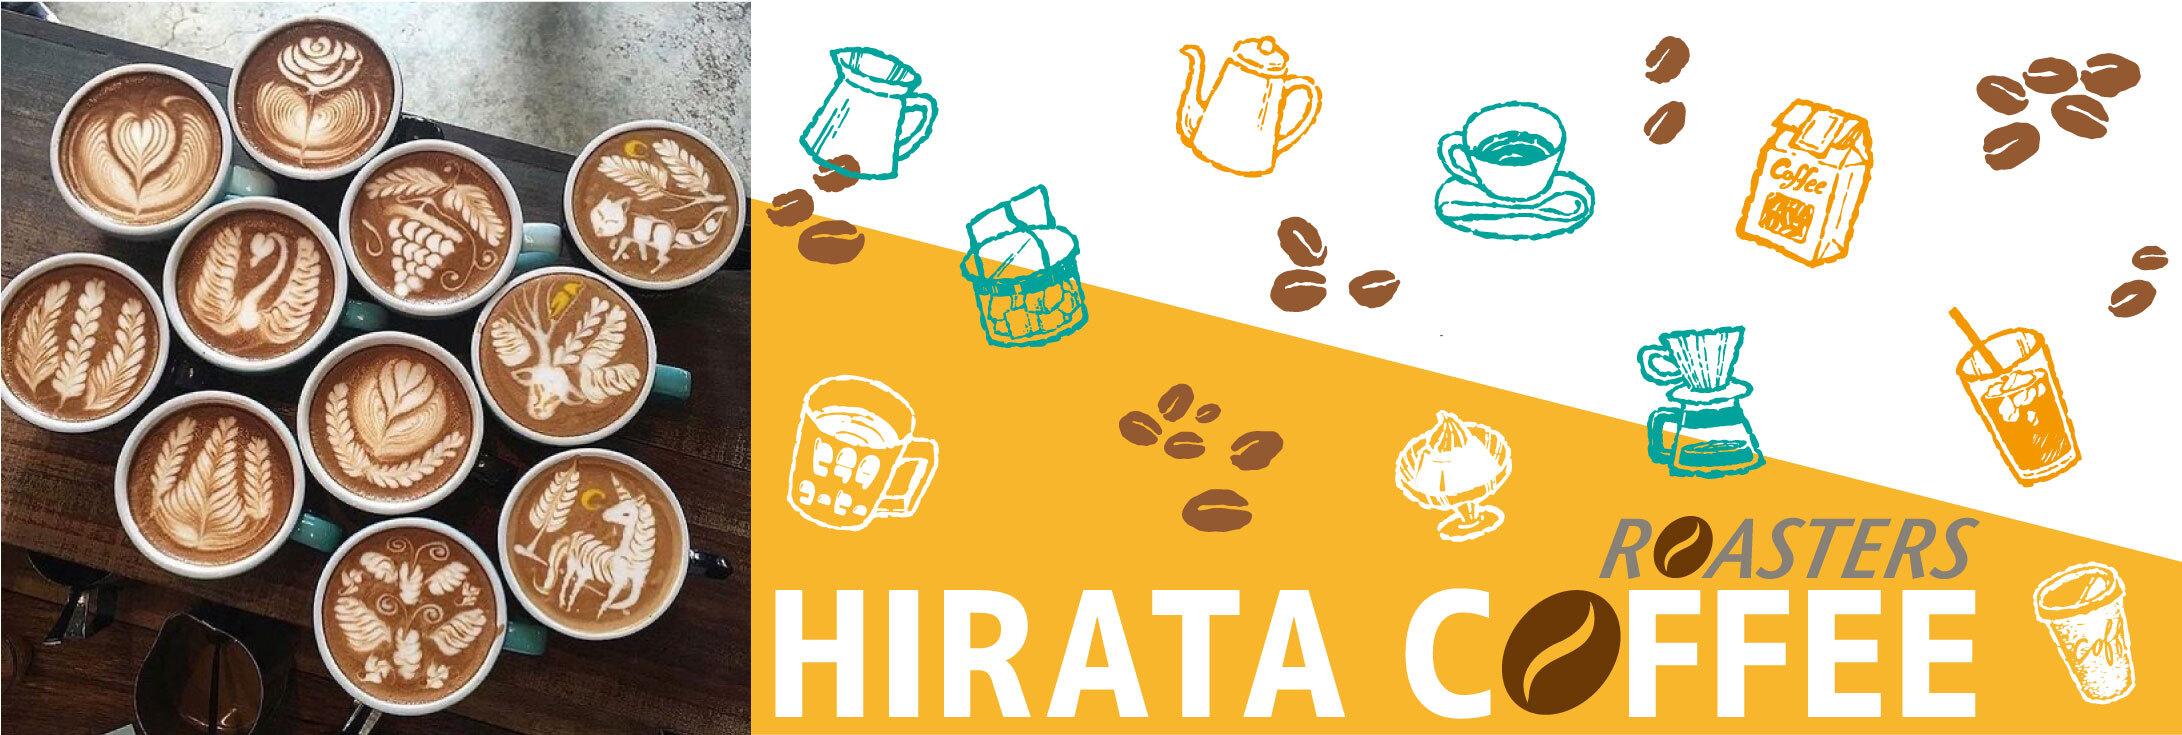 HIRATA COFFEE